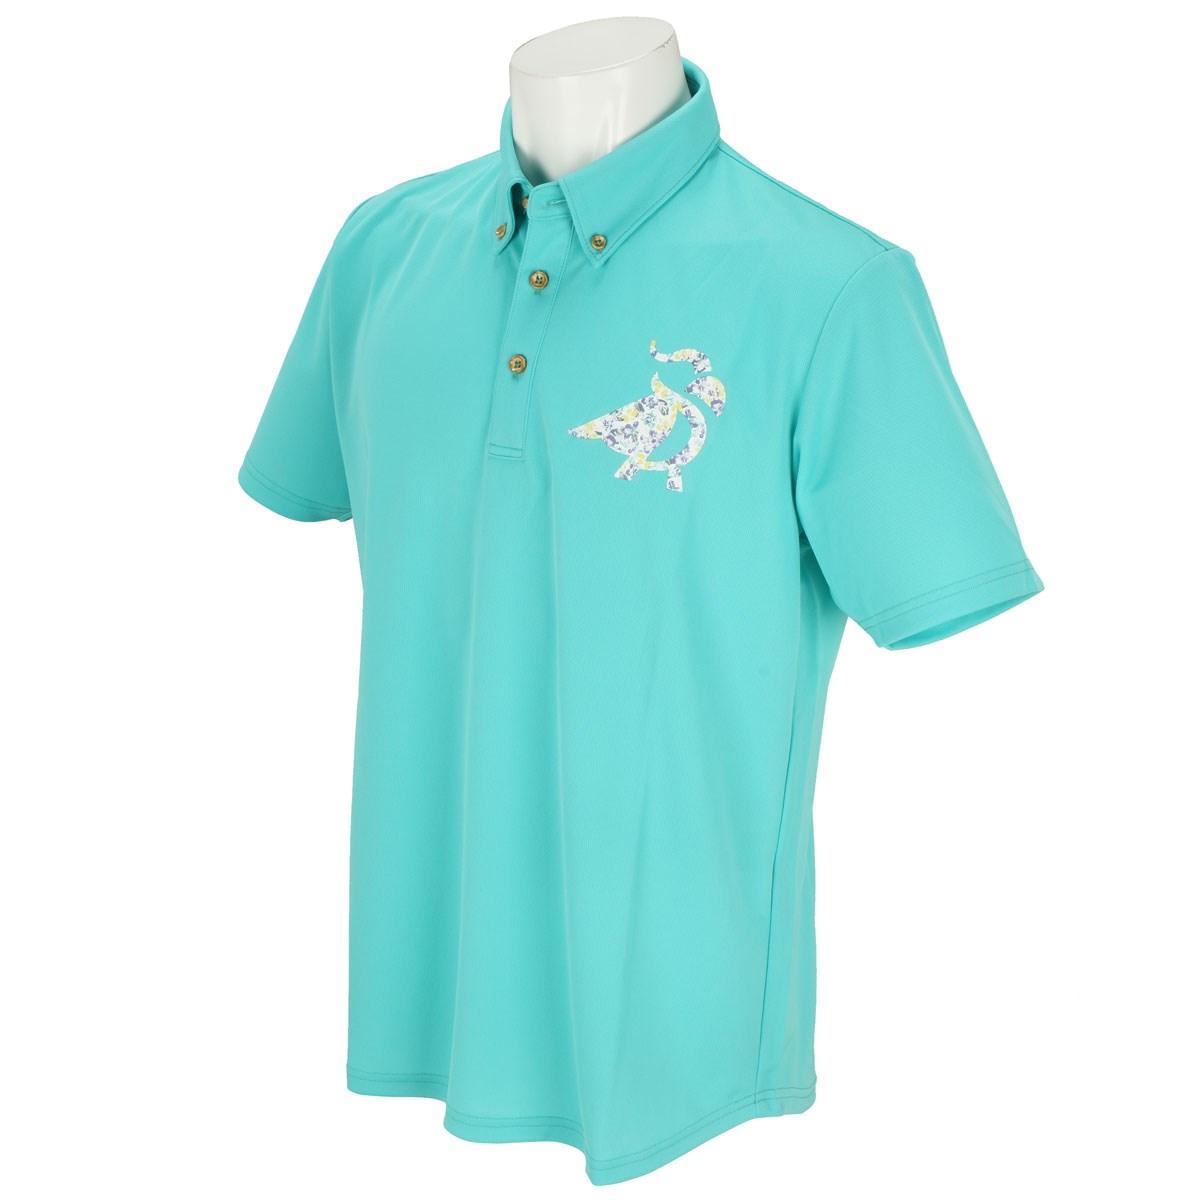 ブリヂストン PARADISO GDO限定 半袖ポロシャツ M グリーン